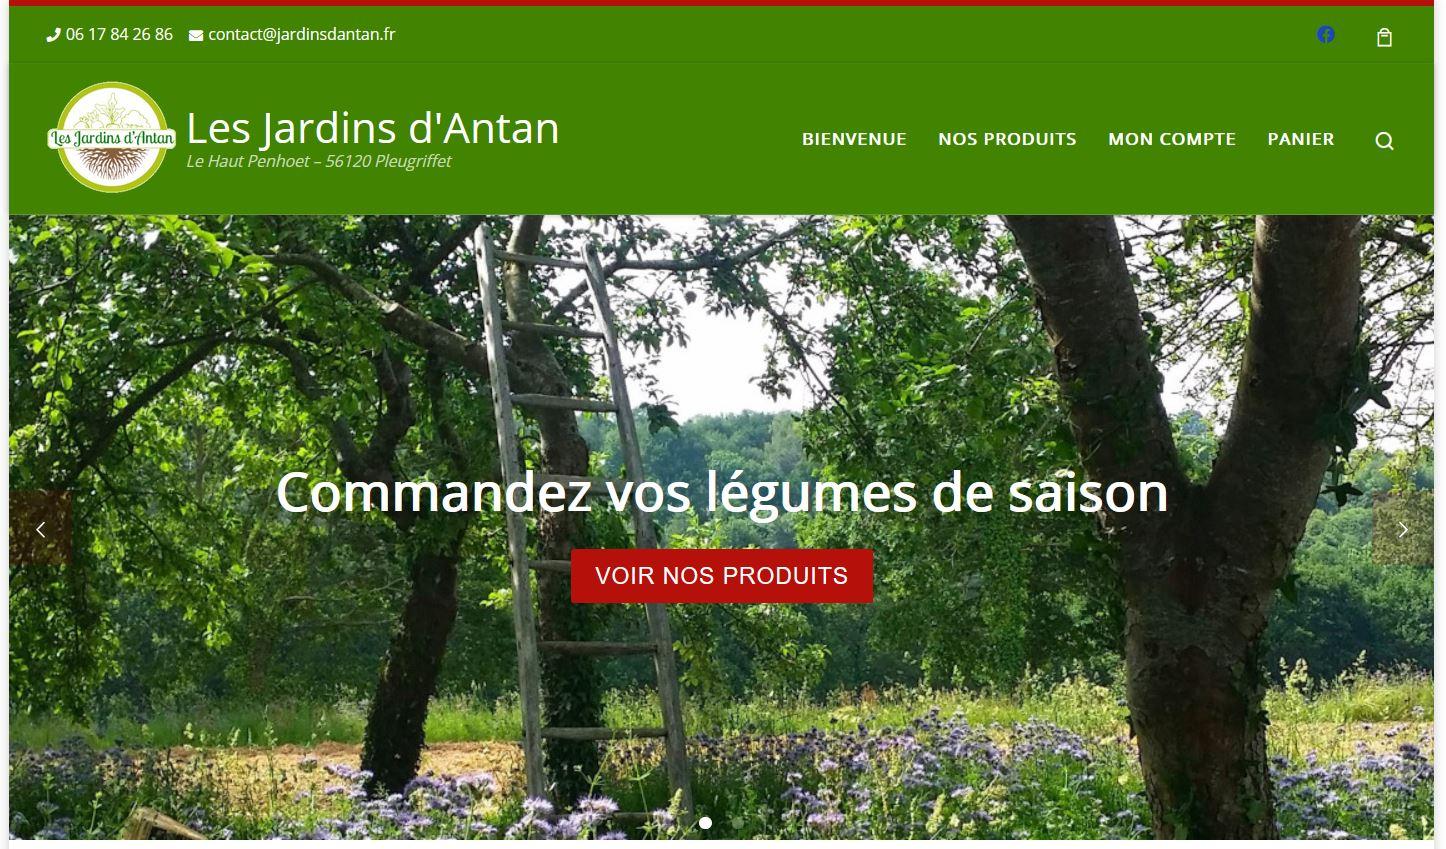 Les Jardins d'Antan